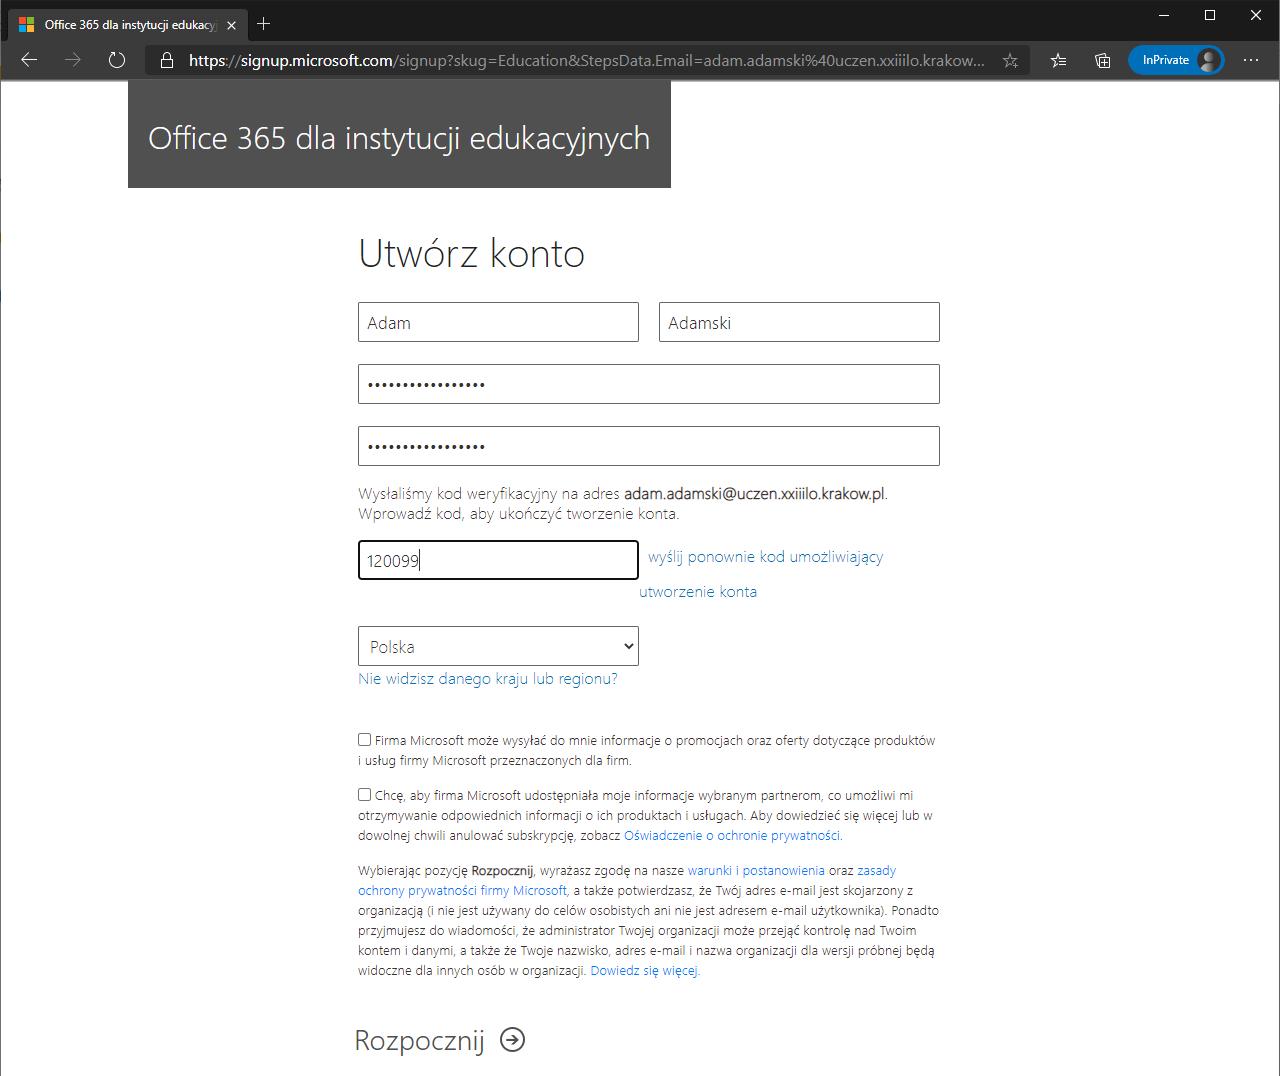 Strona Utwórz konto